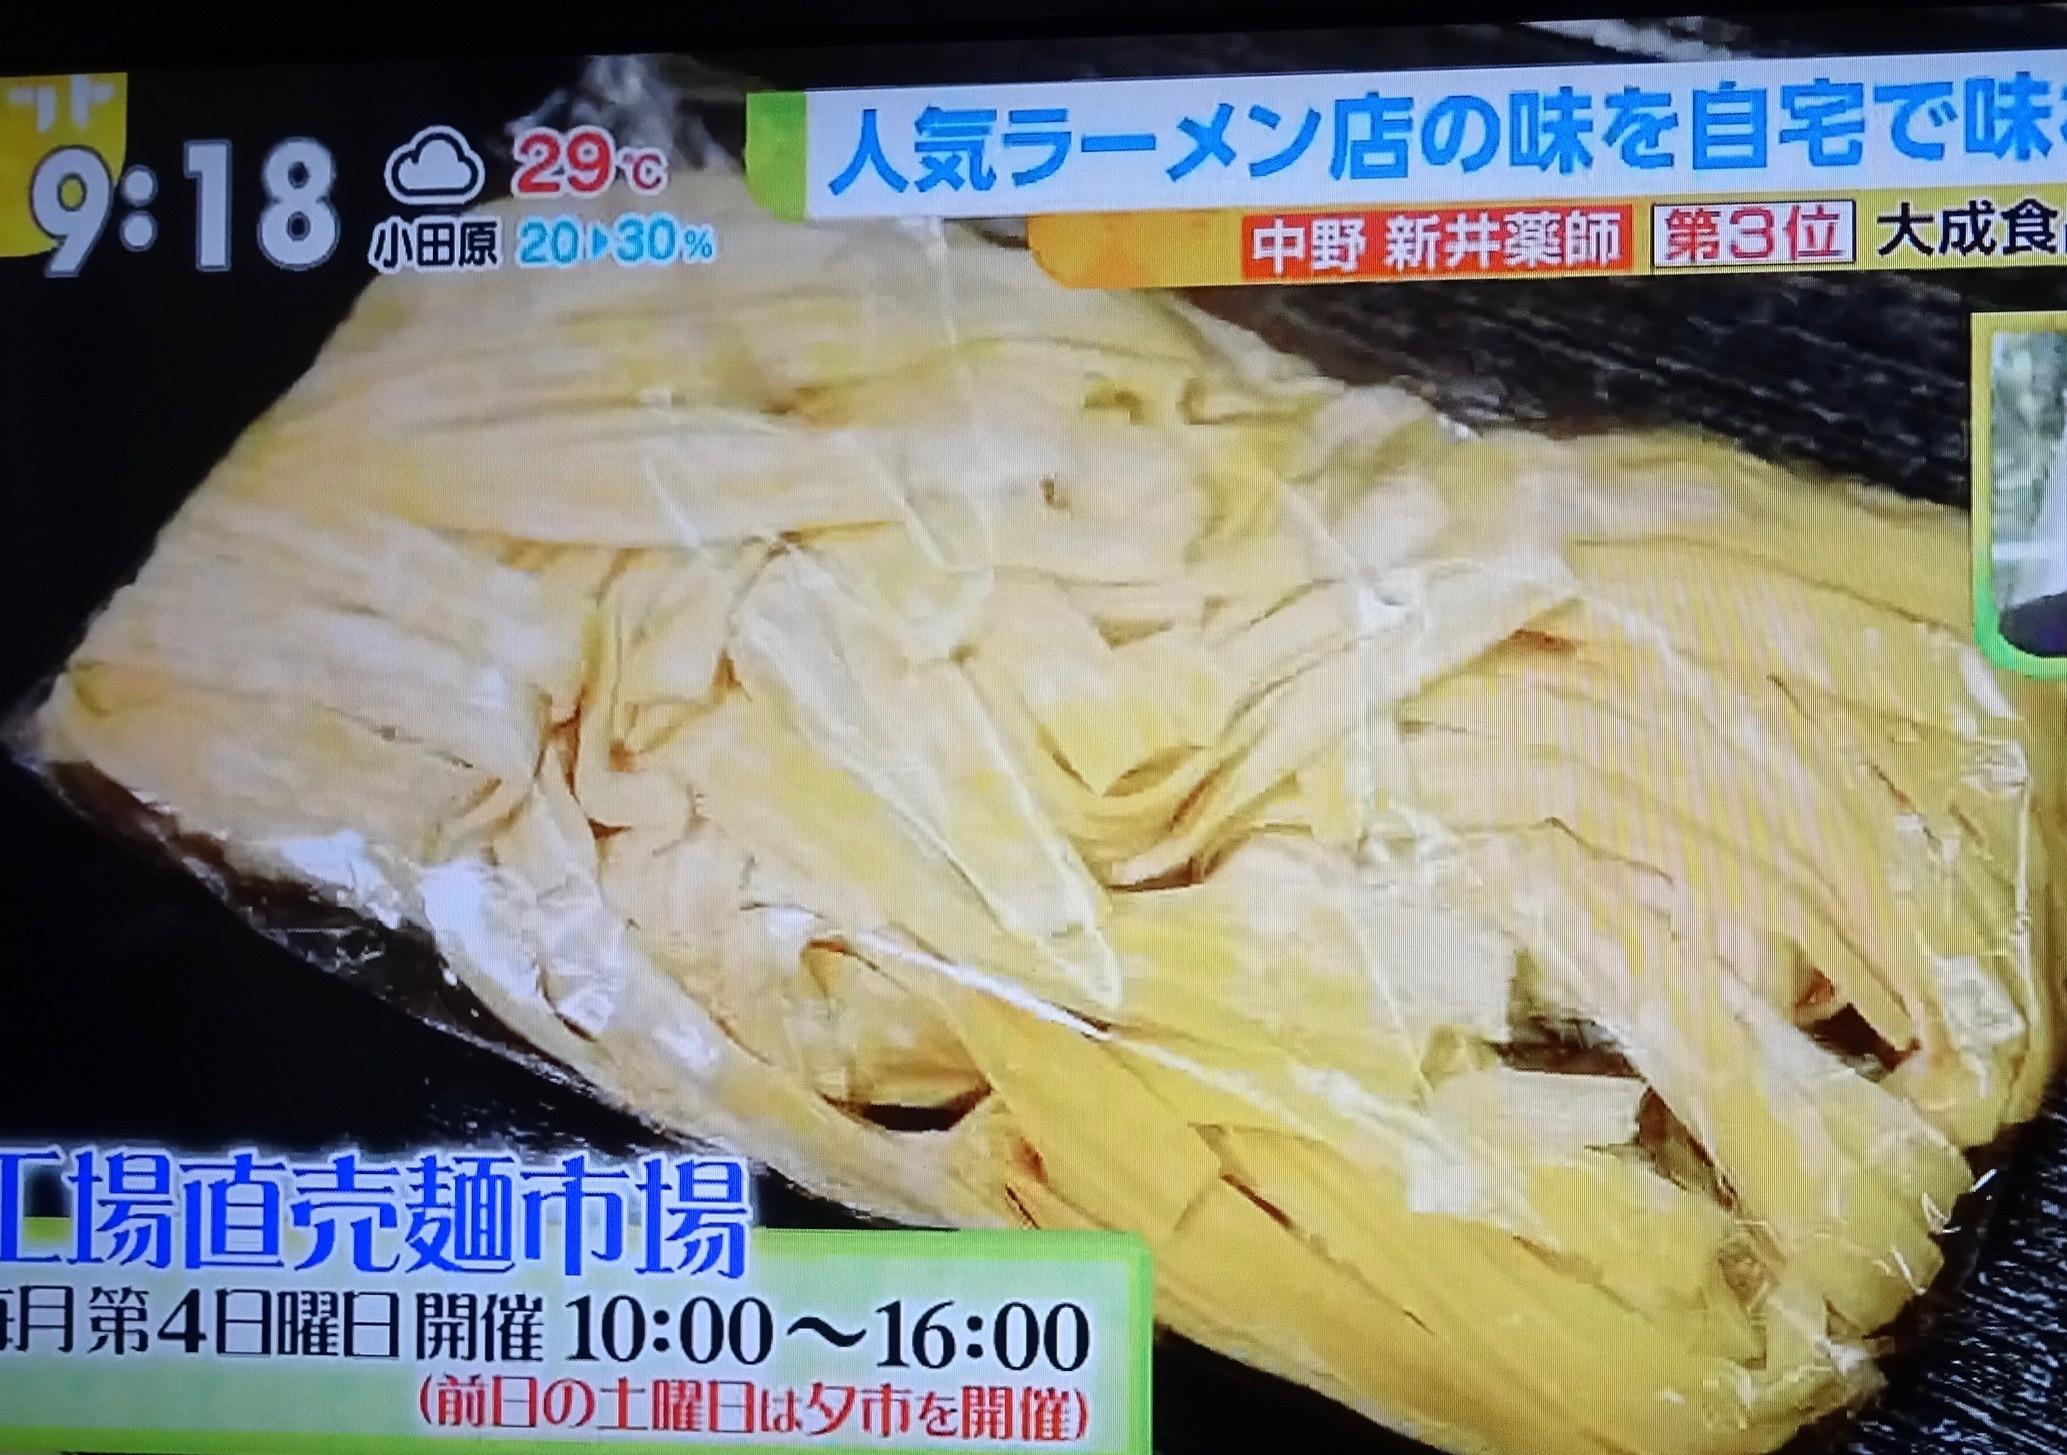 8月18日放送 TBS「ビビット」 大成食品株式会社製麺技能士謹製生パスタ